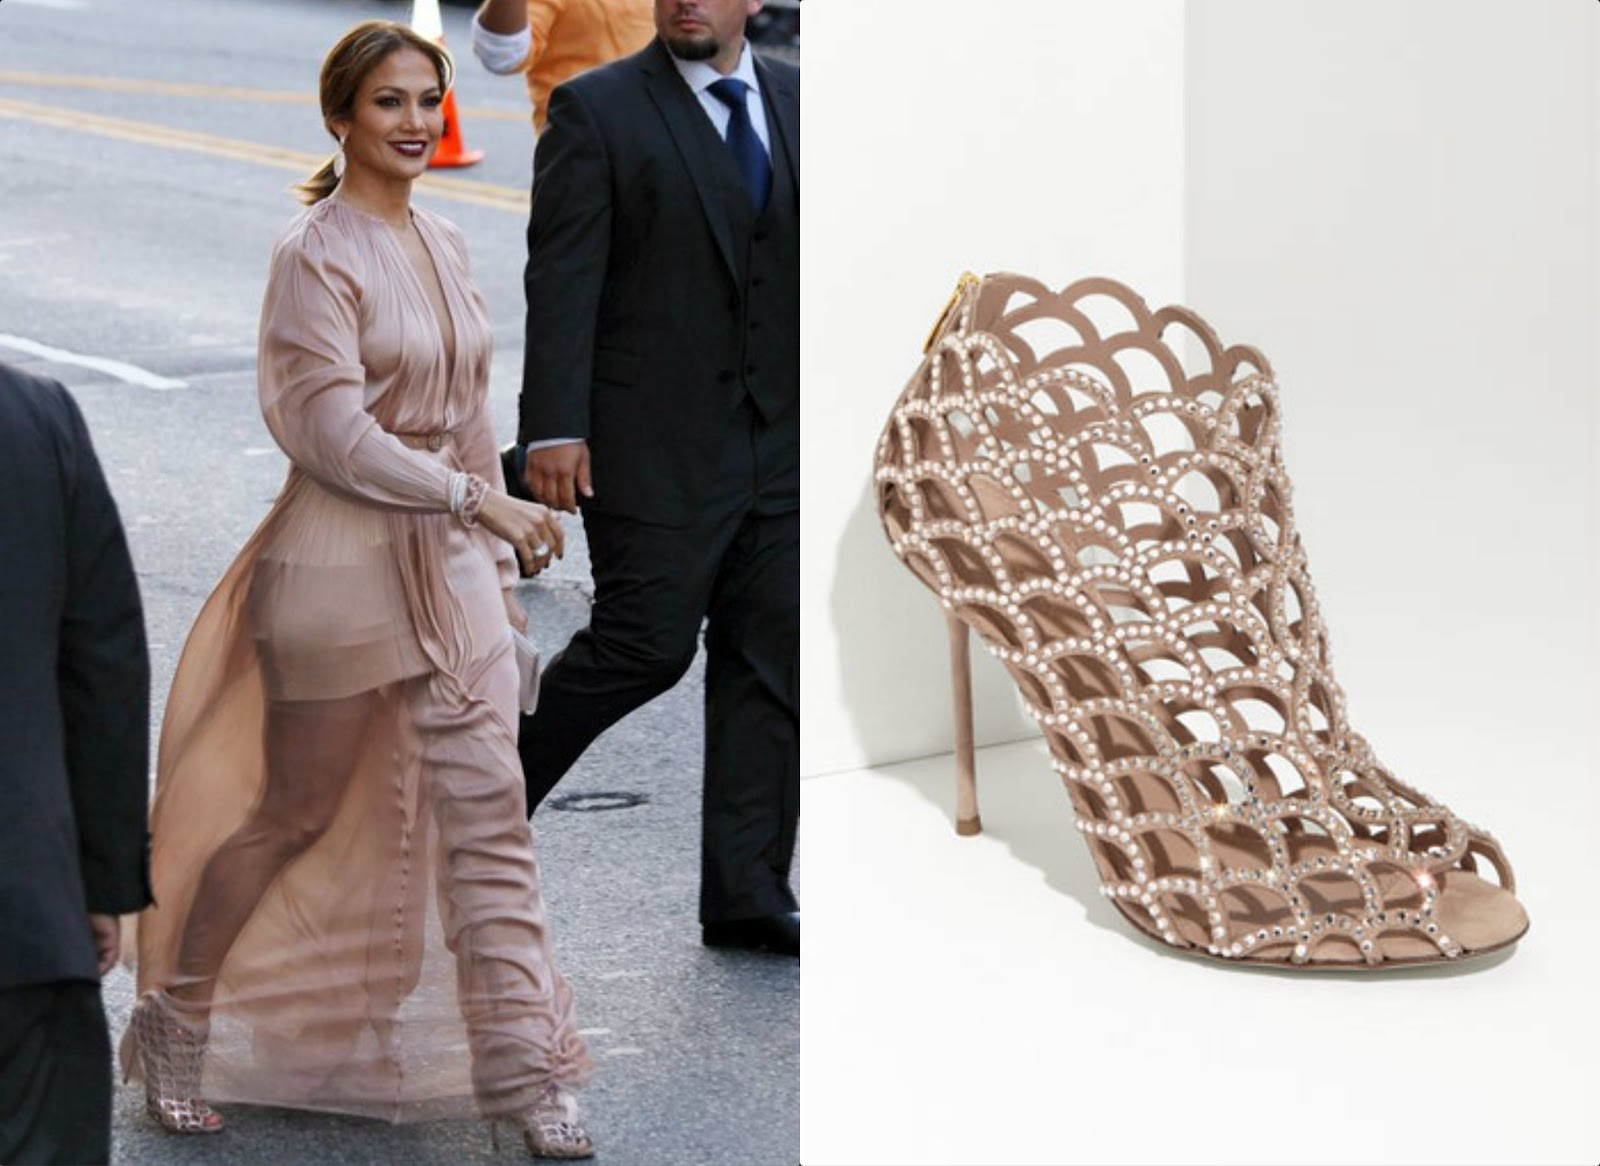 http://1.bp.blogspot.com/-grLM1gqZE40/T7PhzcqUiCI/AAAAAAAABY8/hDsGyi1_AS4/s1600/Jennifer+Lopez+Sergio+Rossi+Mermaid+caged+sandal.jpg